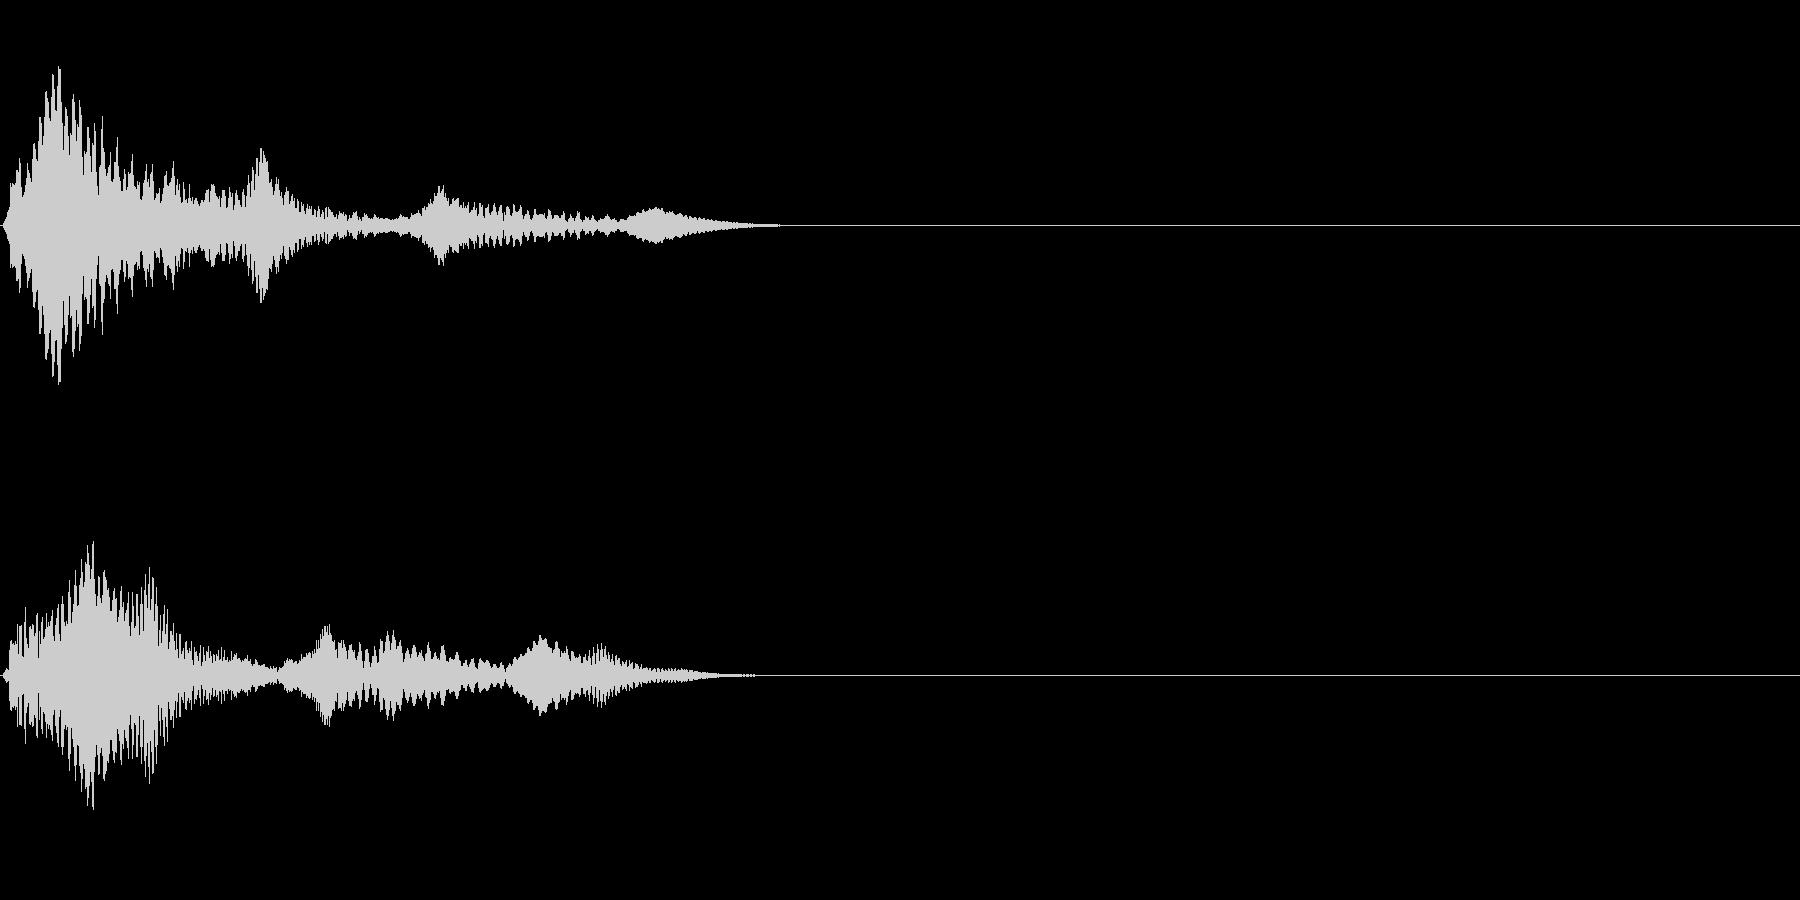 ワンショット(ブゥァーンワン)の未再生の波形